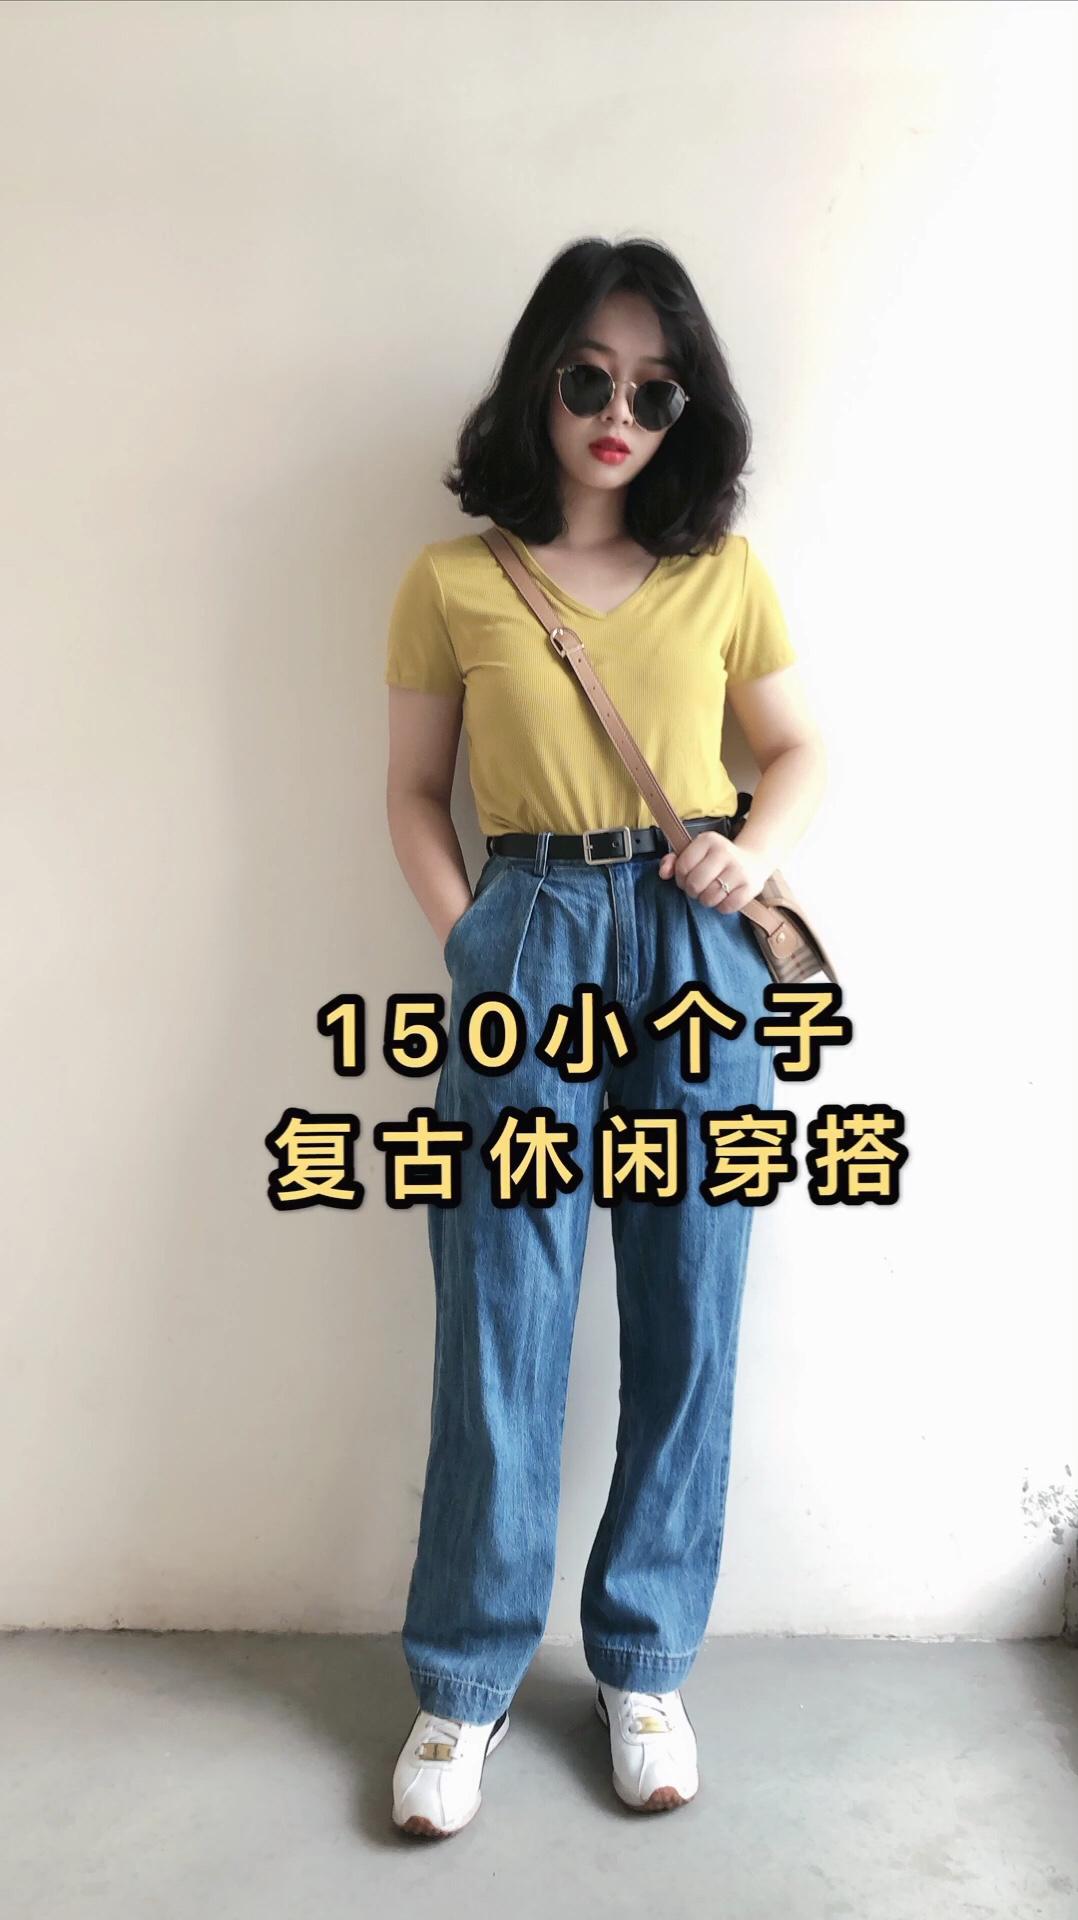 150小个子穿搭 超级显白的柠檬🍋黄上衣~搭配了复古的蓝色牛仔阔腿裤 高腰款更显高哦!!阔腿裤也完美的修饰了腿型!! #柠檬黄它美白,请放心食用!#